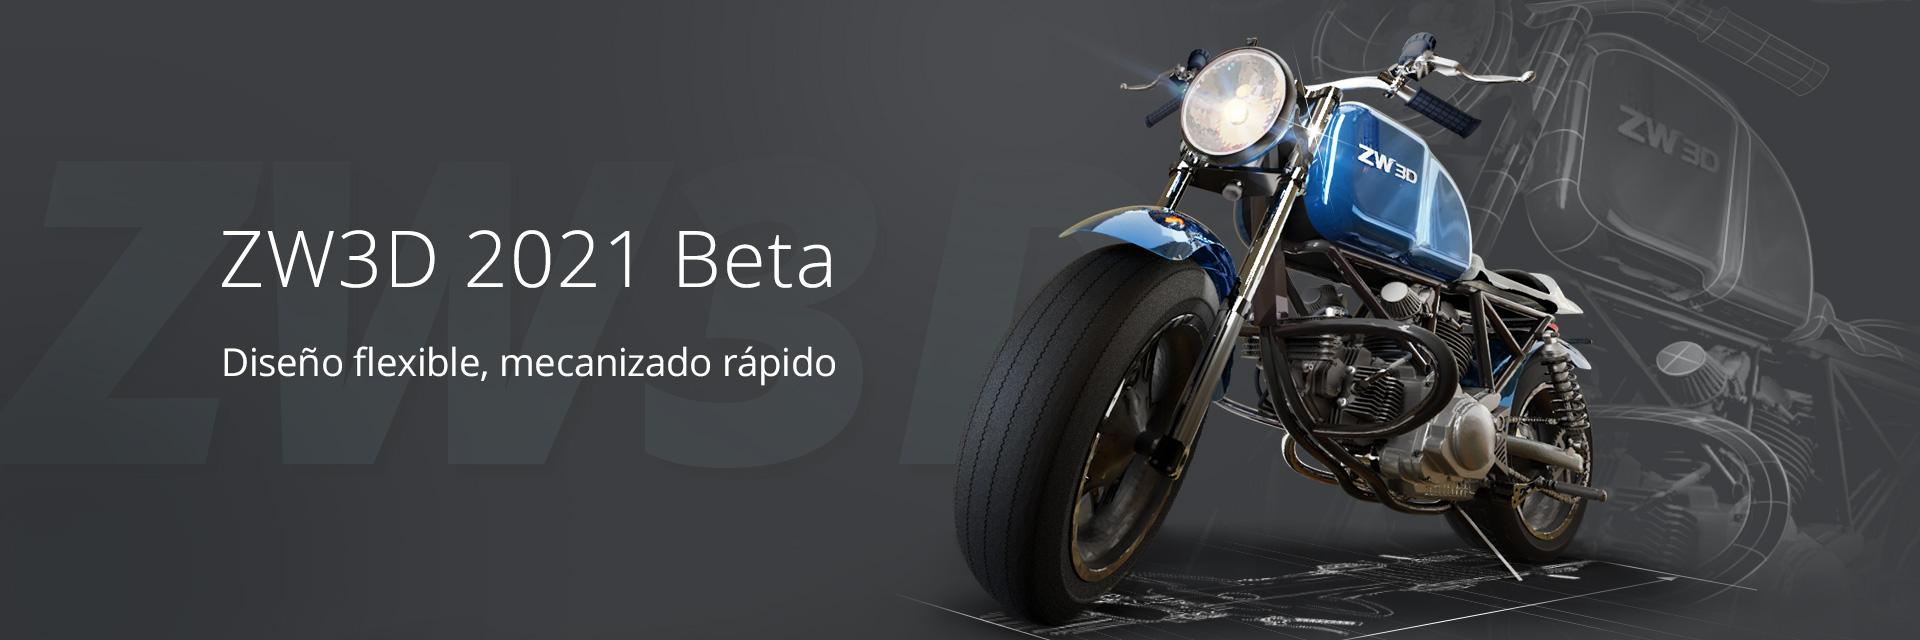 Banner_ZW3D_2021_beta_es_PR.jpg